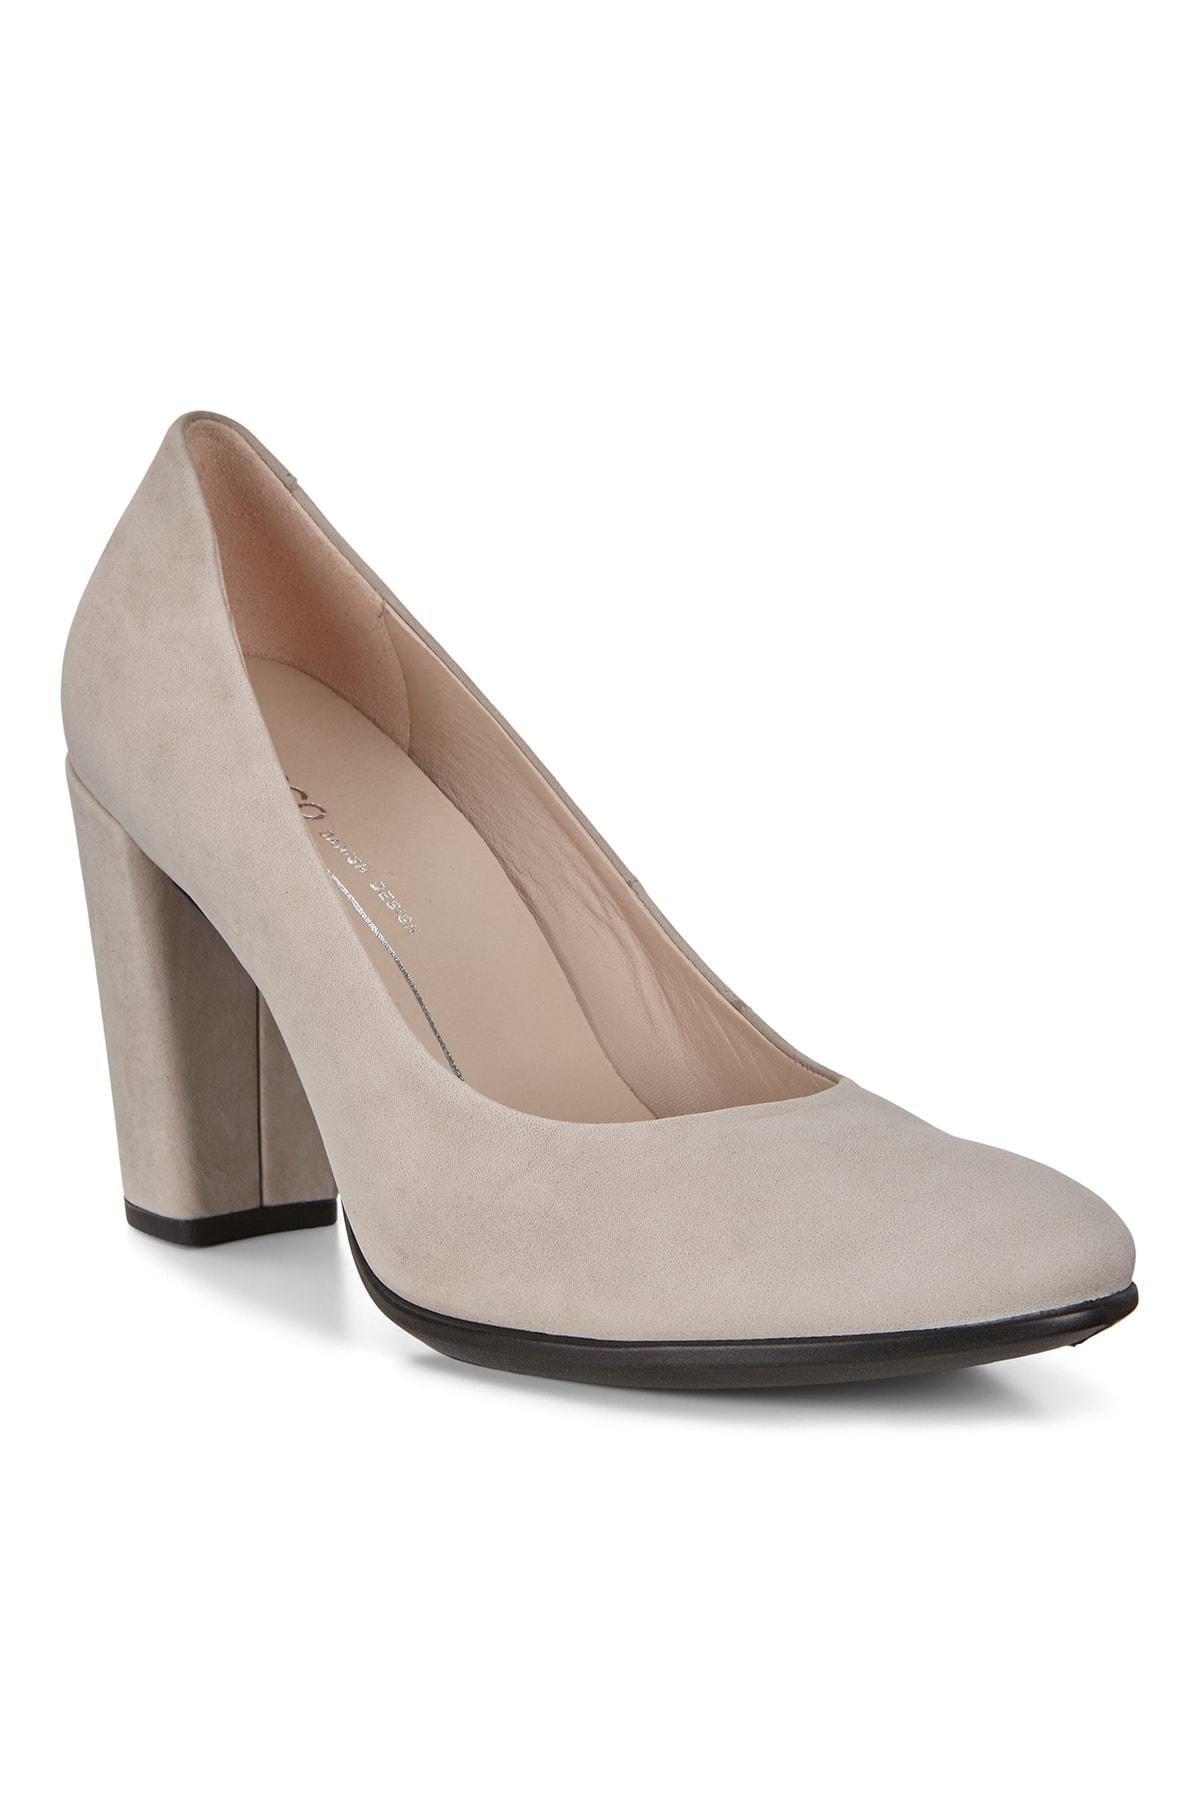 Ecco Kadın Klasik Topuklu Ayakkabı Shape 75 Block Grey Rose Bej 260833